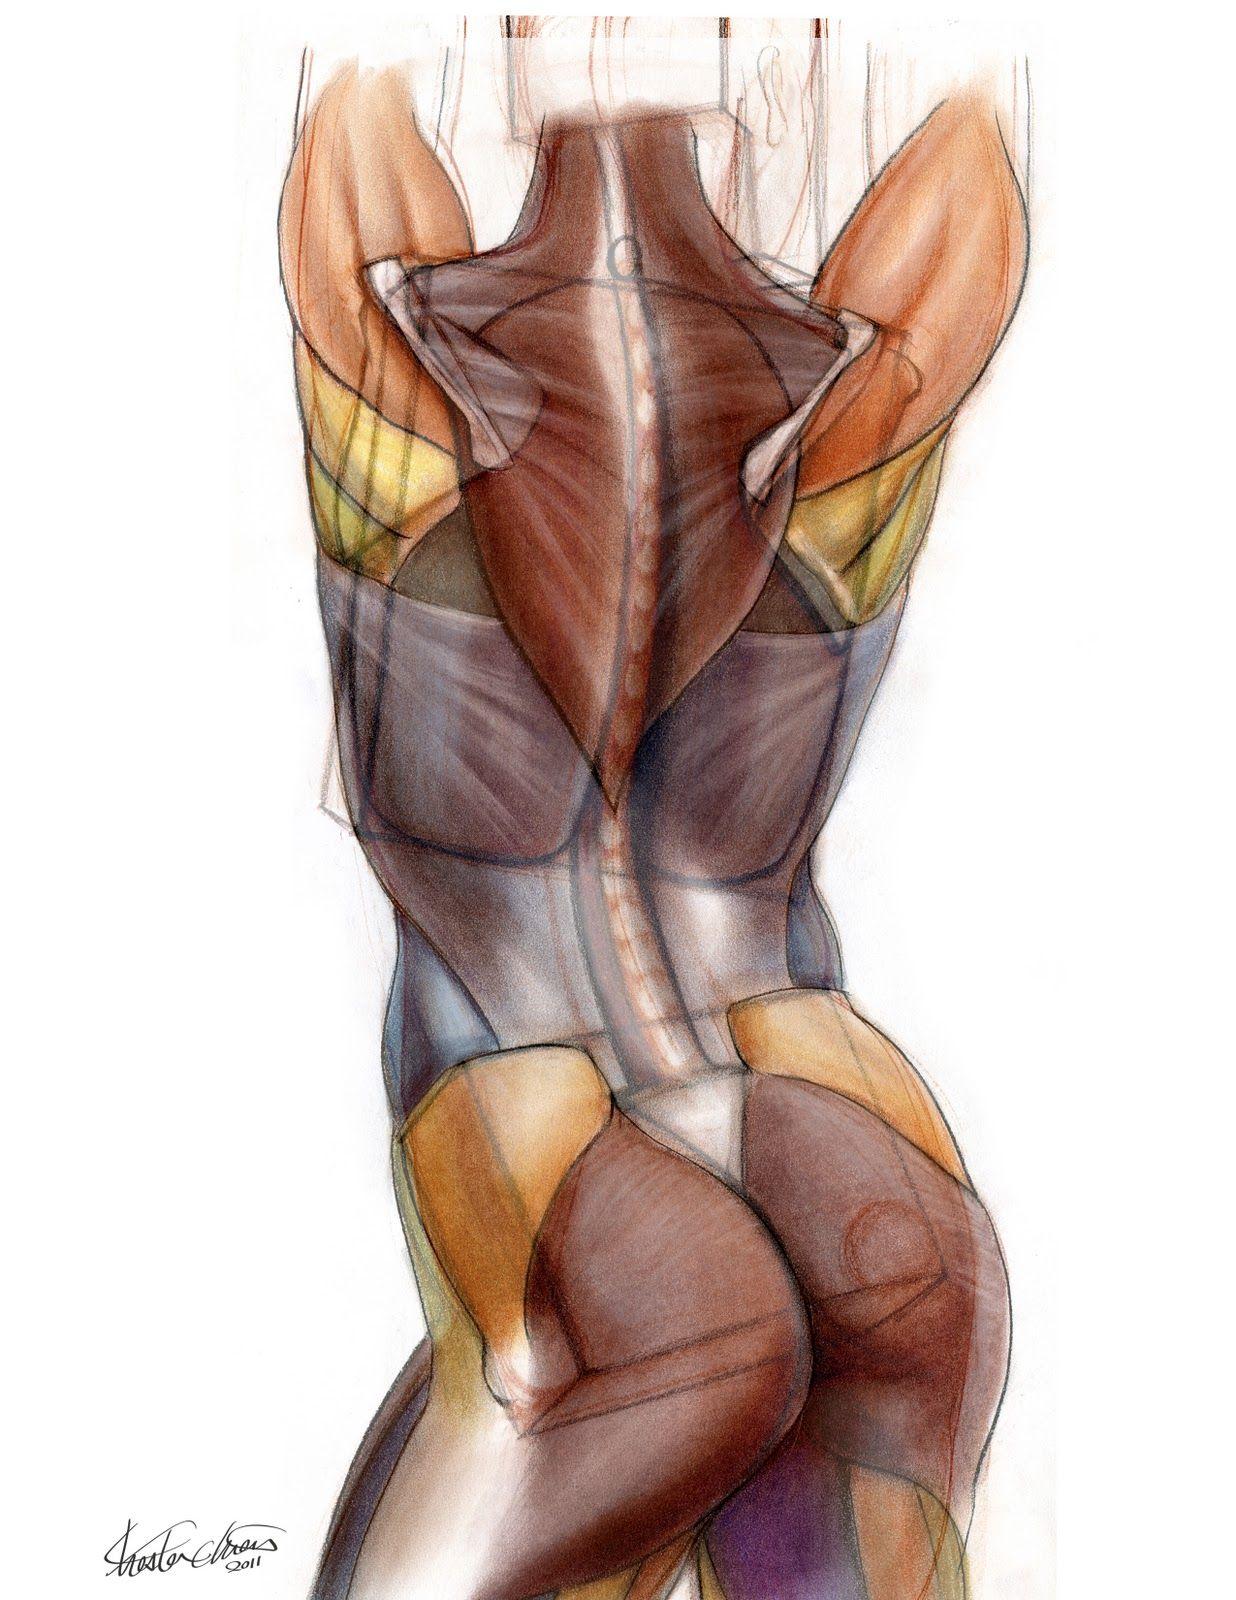 Músculos espalda | Medicina_varia | Pinterest | Músculos, Espalda y ...